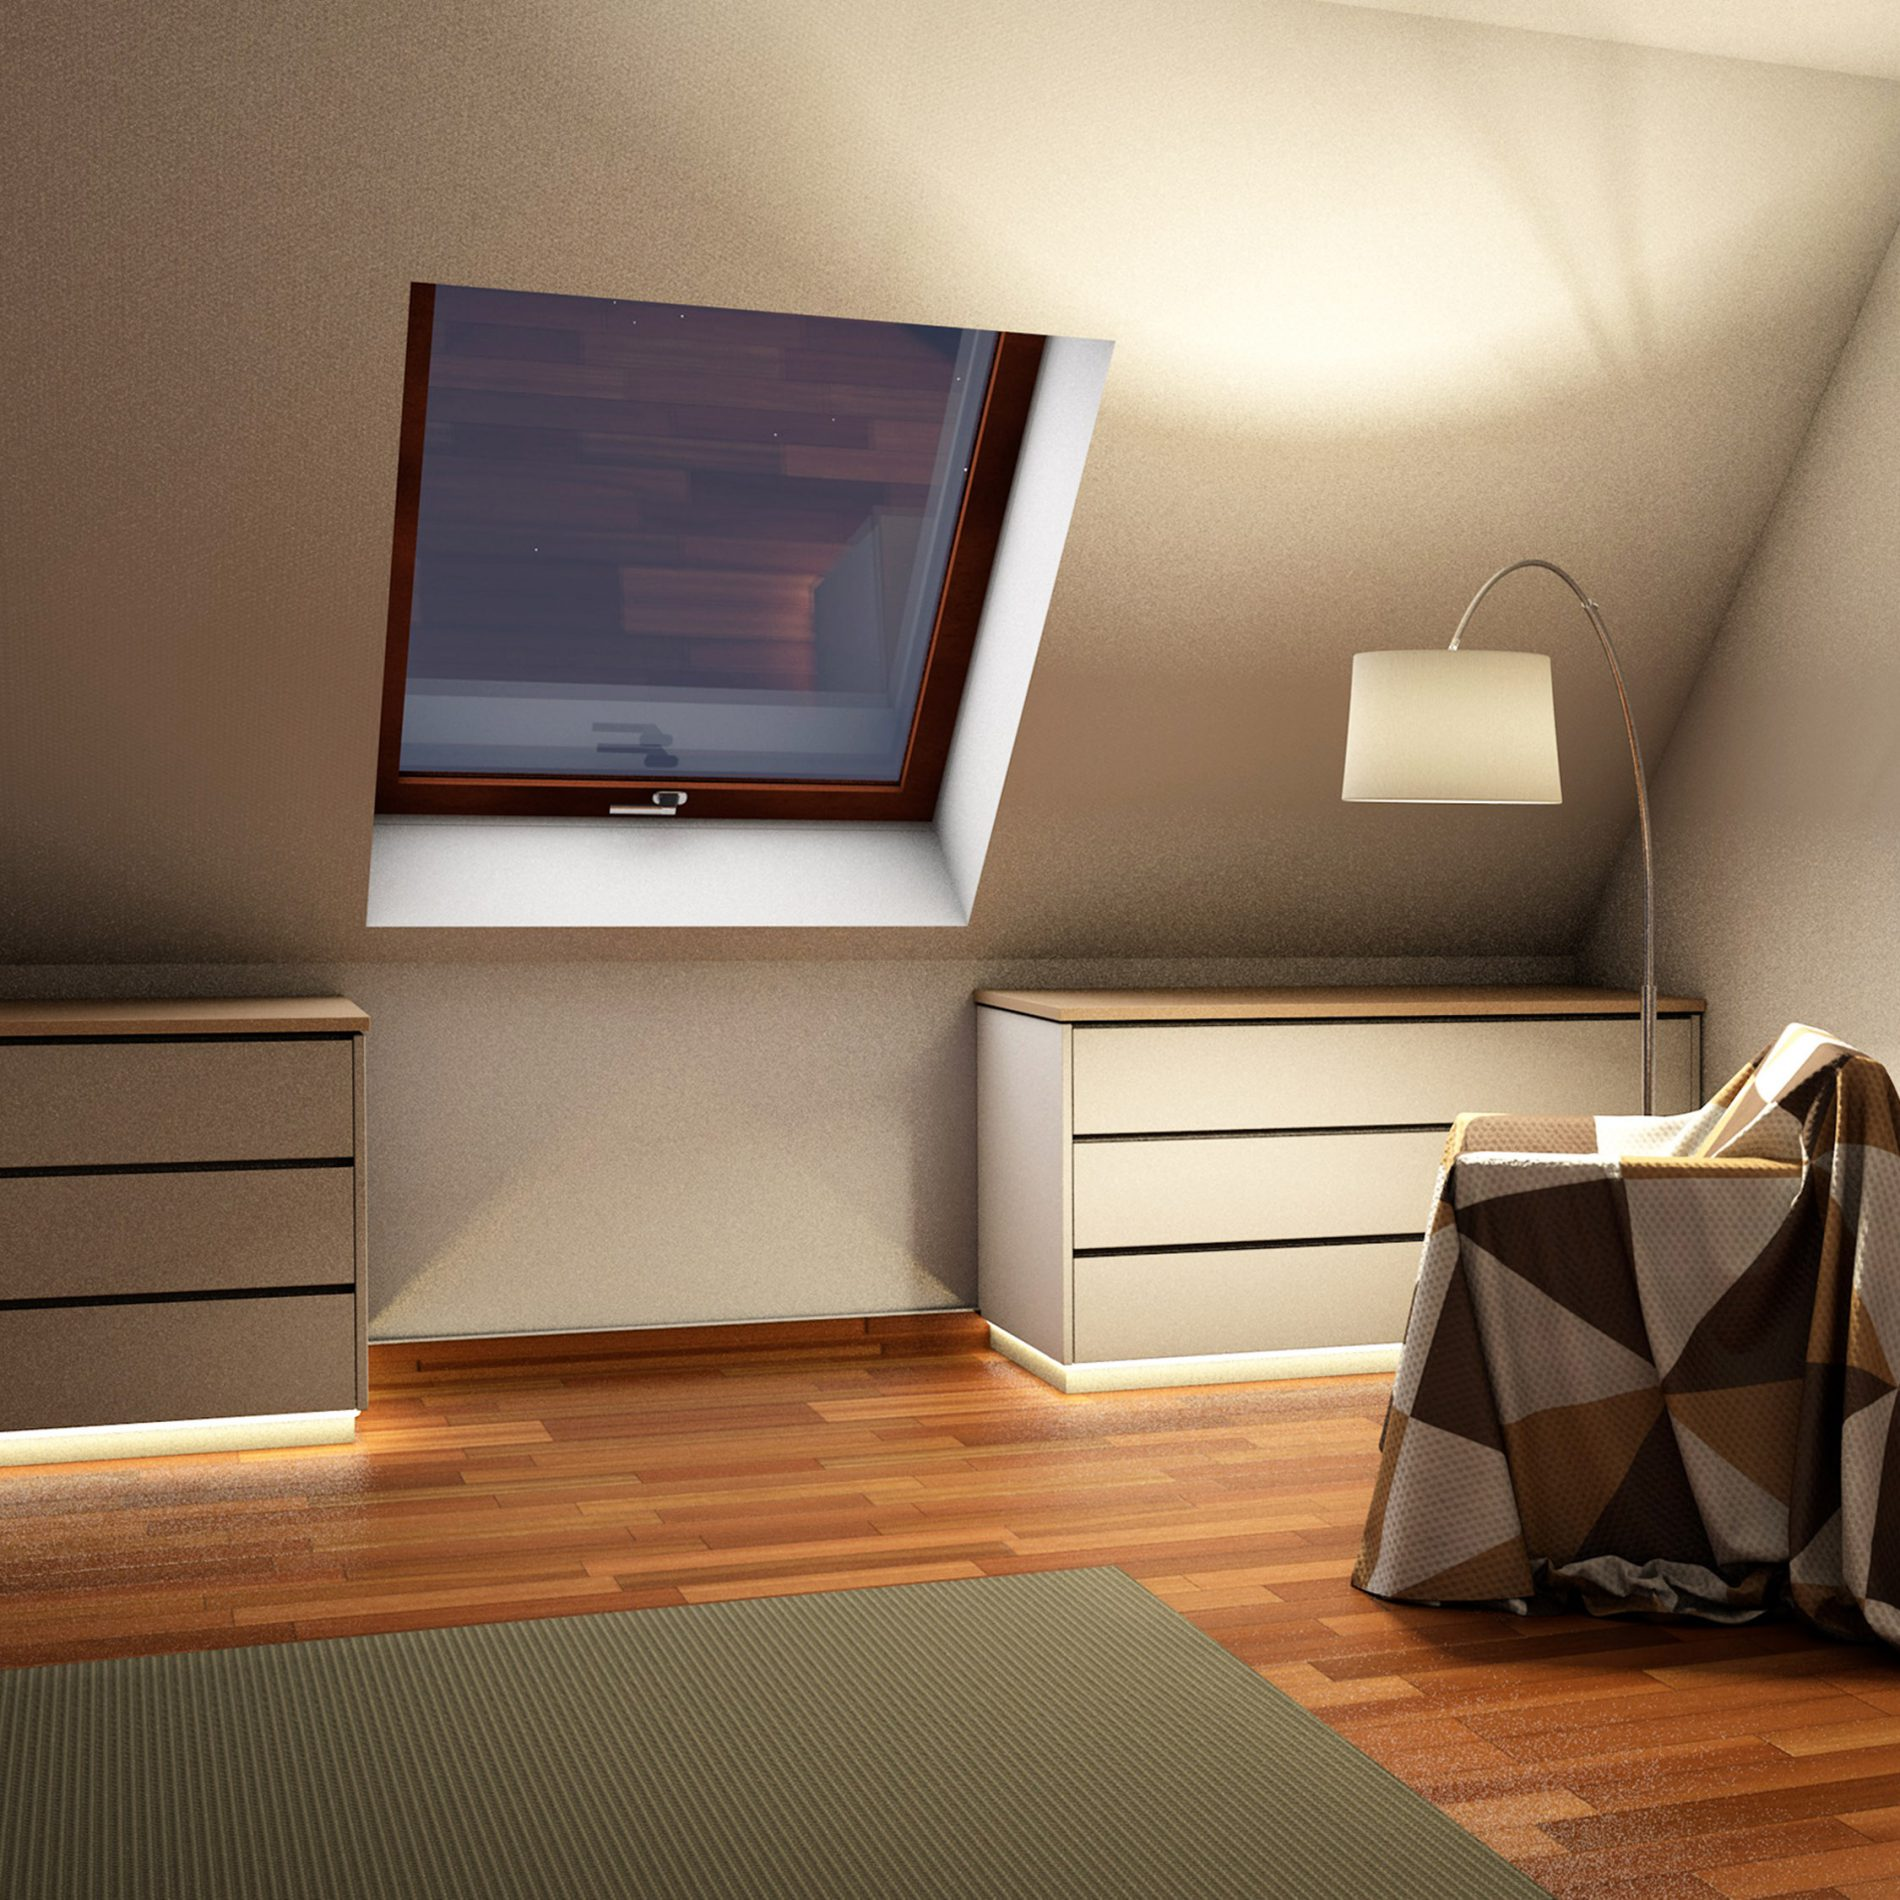 mehrteiliger Drempelschrank für Dachschrägenbereiche im oberen Stockwerk